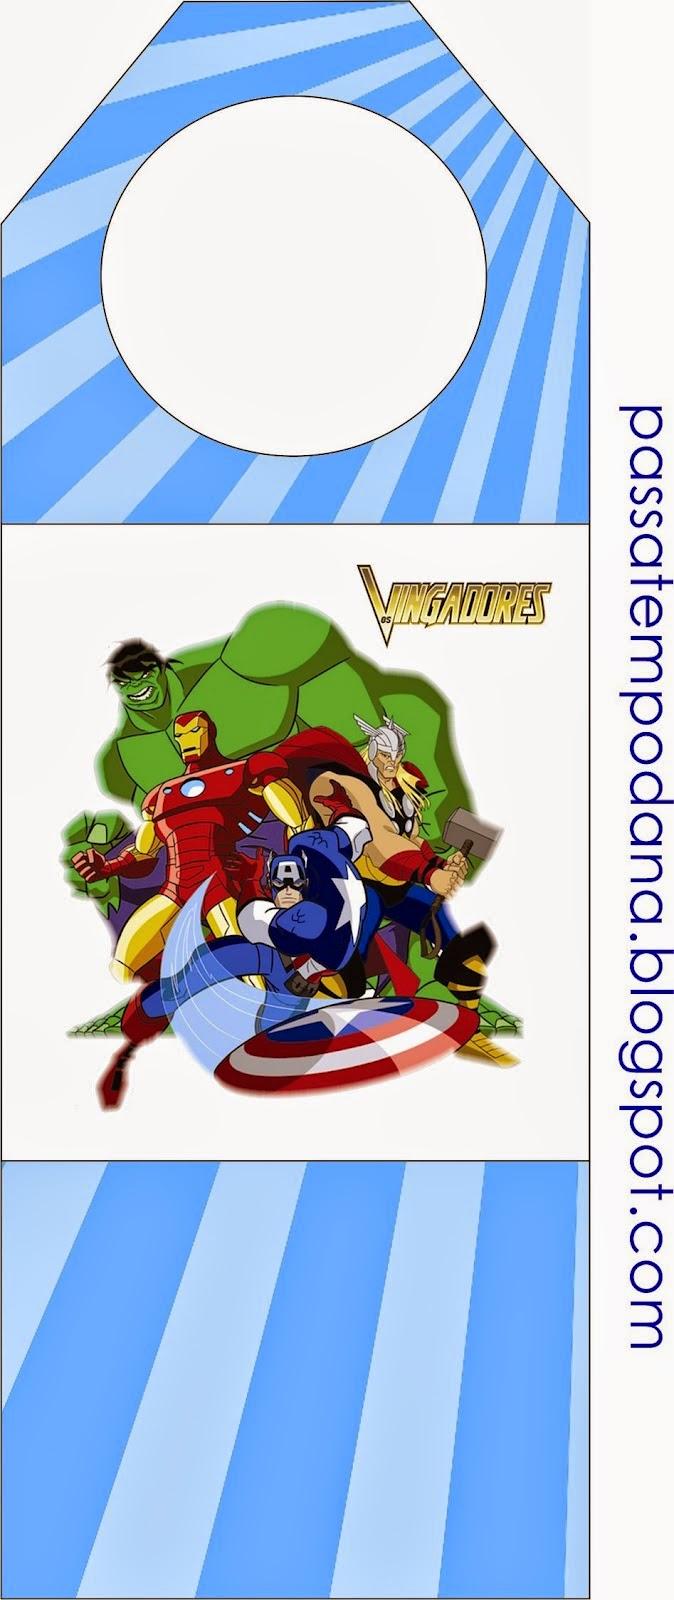 Marcapaginas para Imprimir Gratis de los Vengadores.